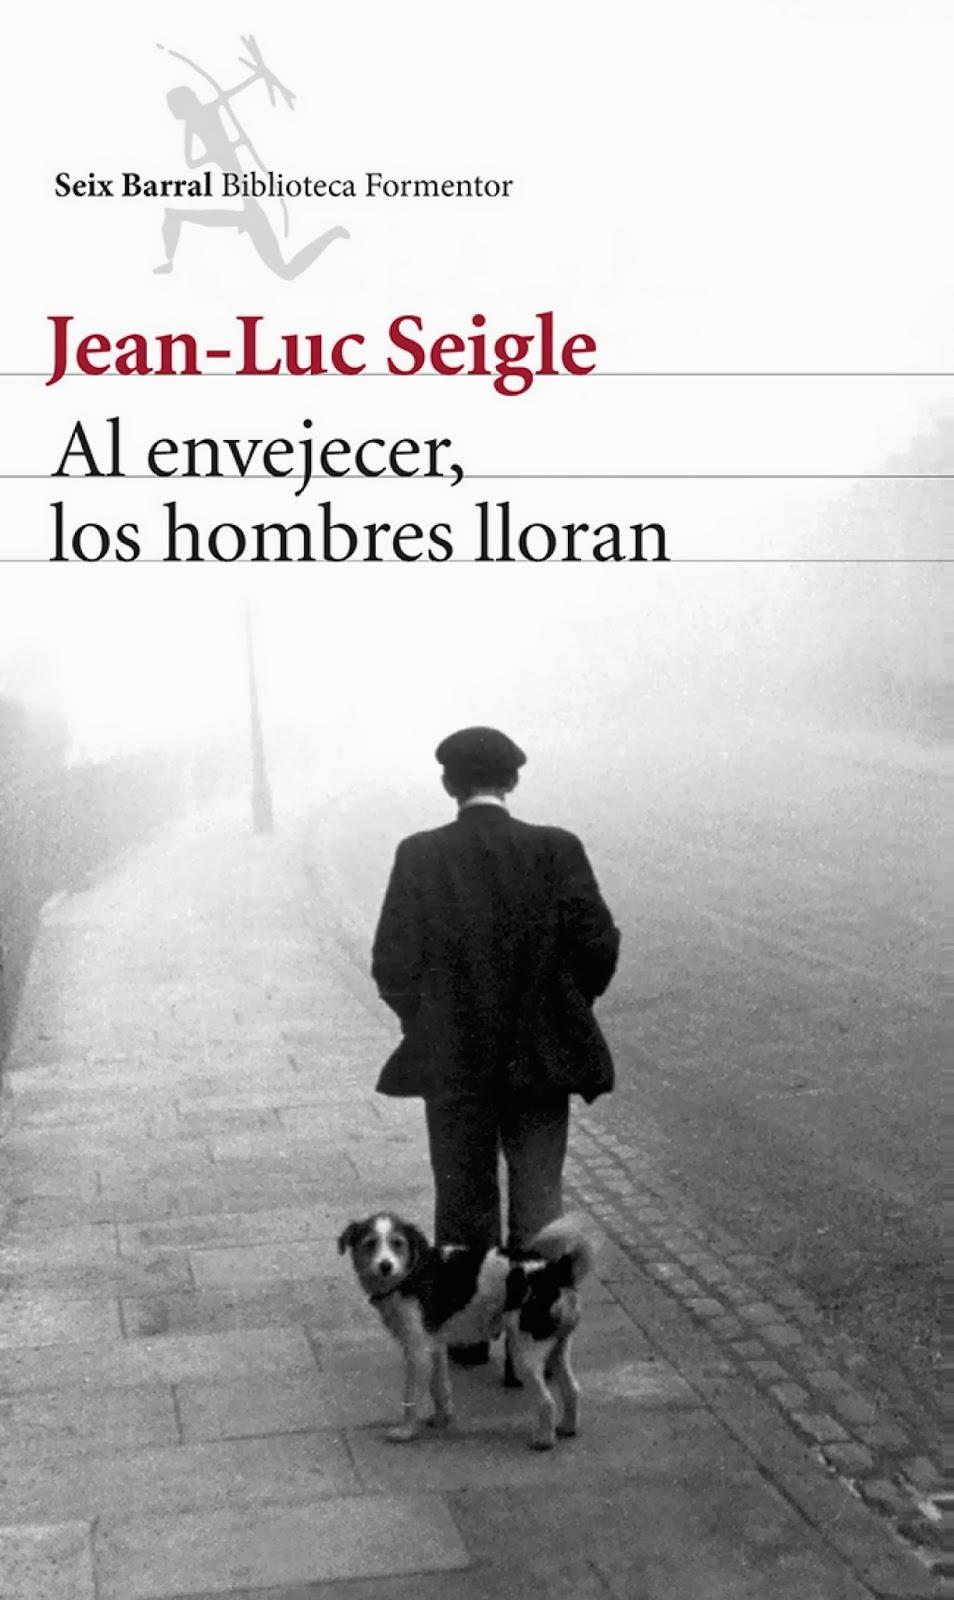 http://loqueleolocuento.blogspot.com.es/2014/05/al-envejecer-los-hombres-lloran-jean.html